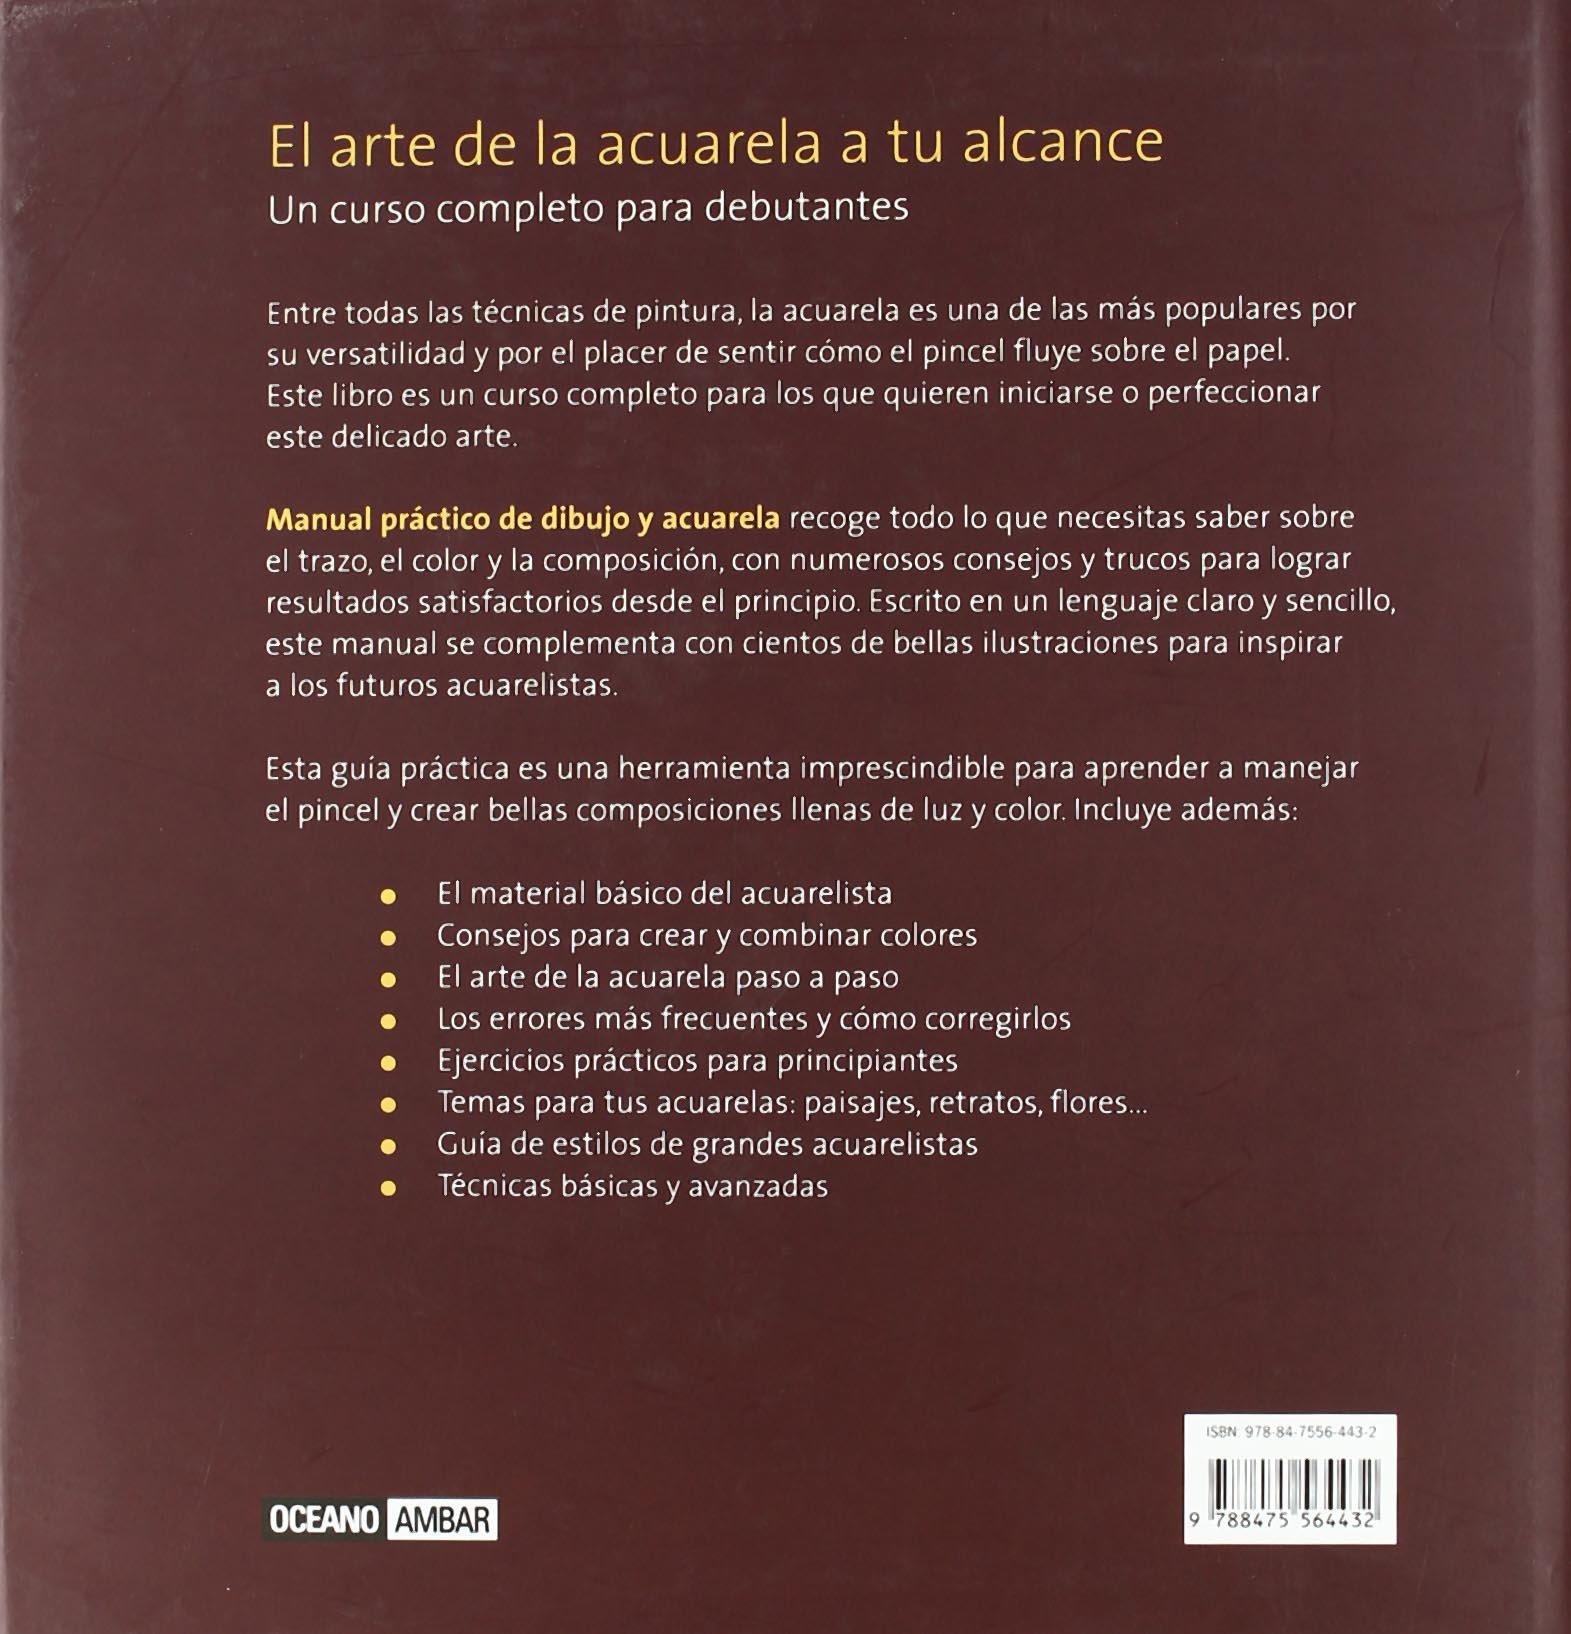 Manual práctico de dibujo y acuarela: Un curso completo para debutantes Tiempo libre: Amazon.es: Paula Leiva: Libros